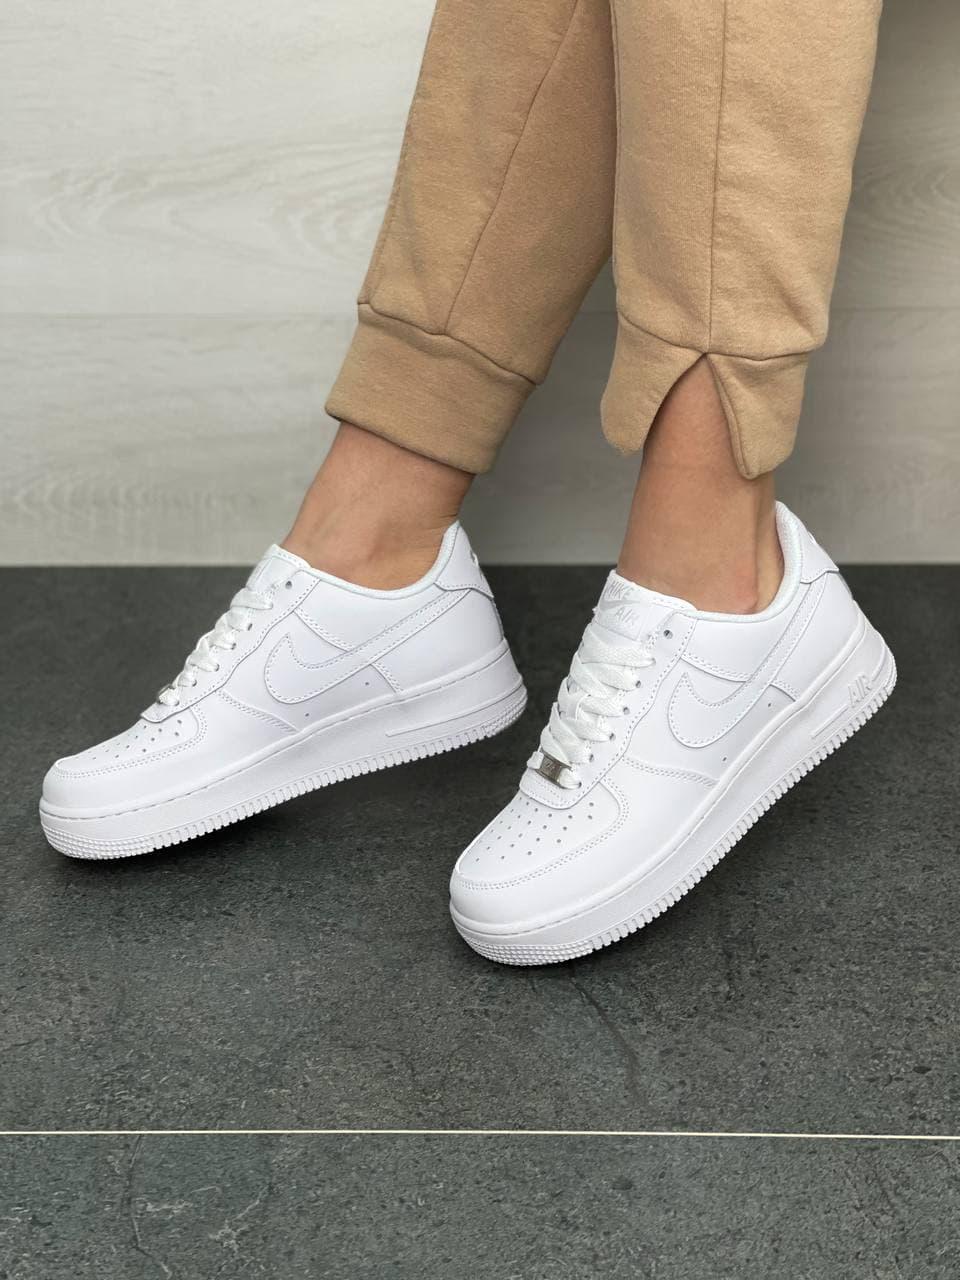 Женские кроссовки Nike Air Force White (белые) DB1178 стильные кожаные кроссы